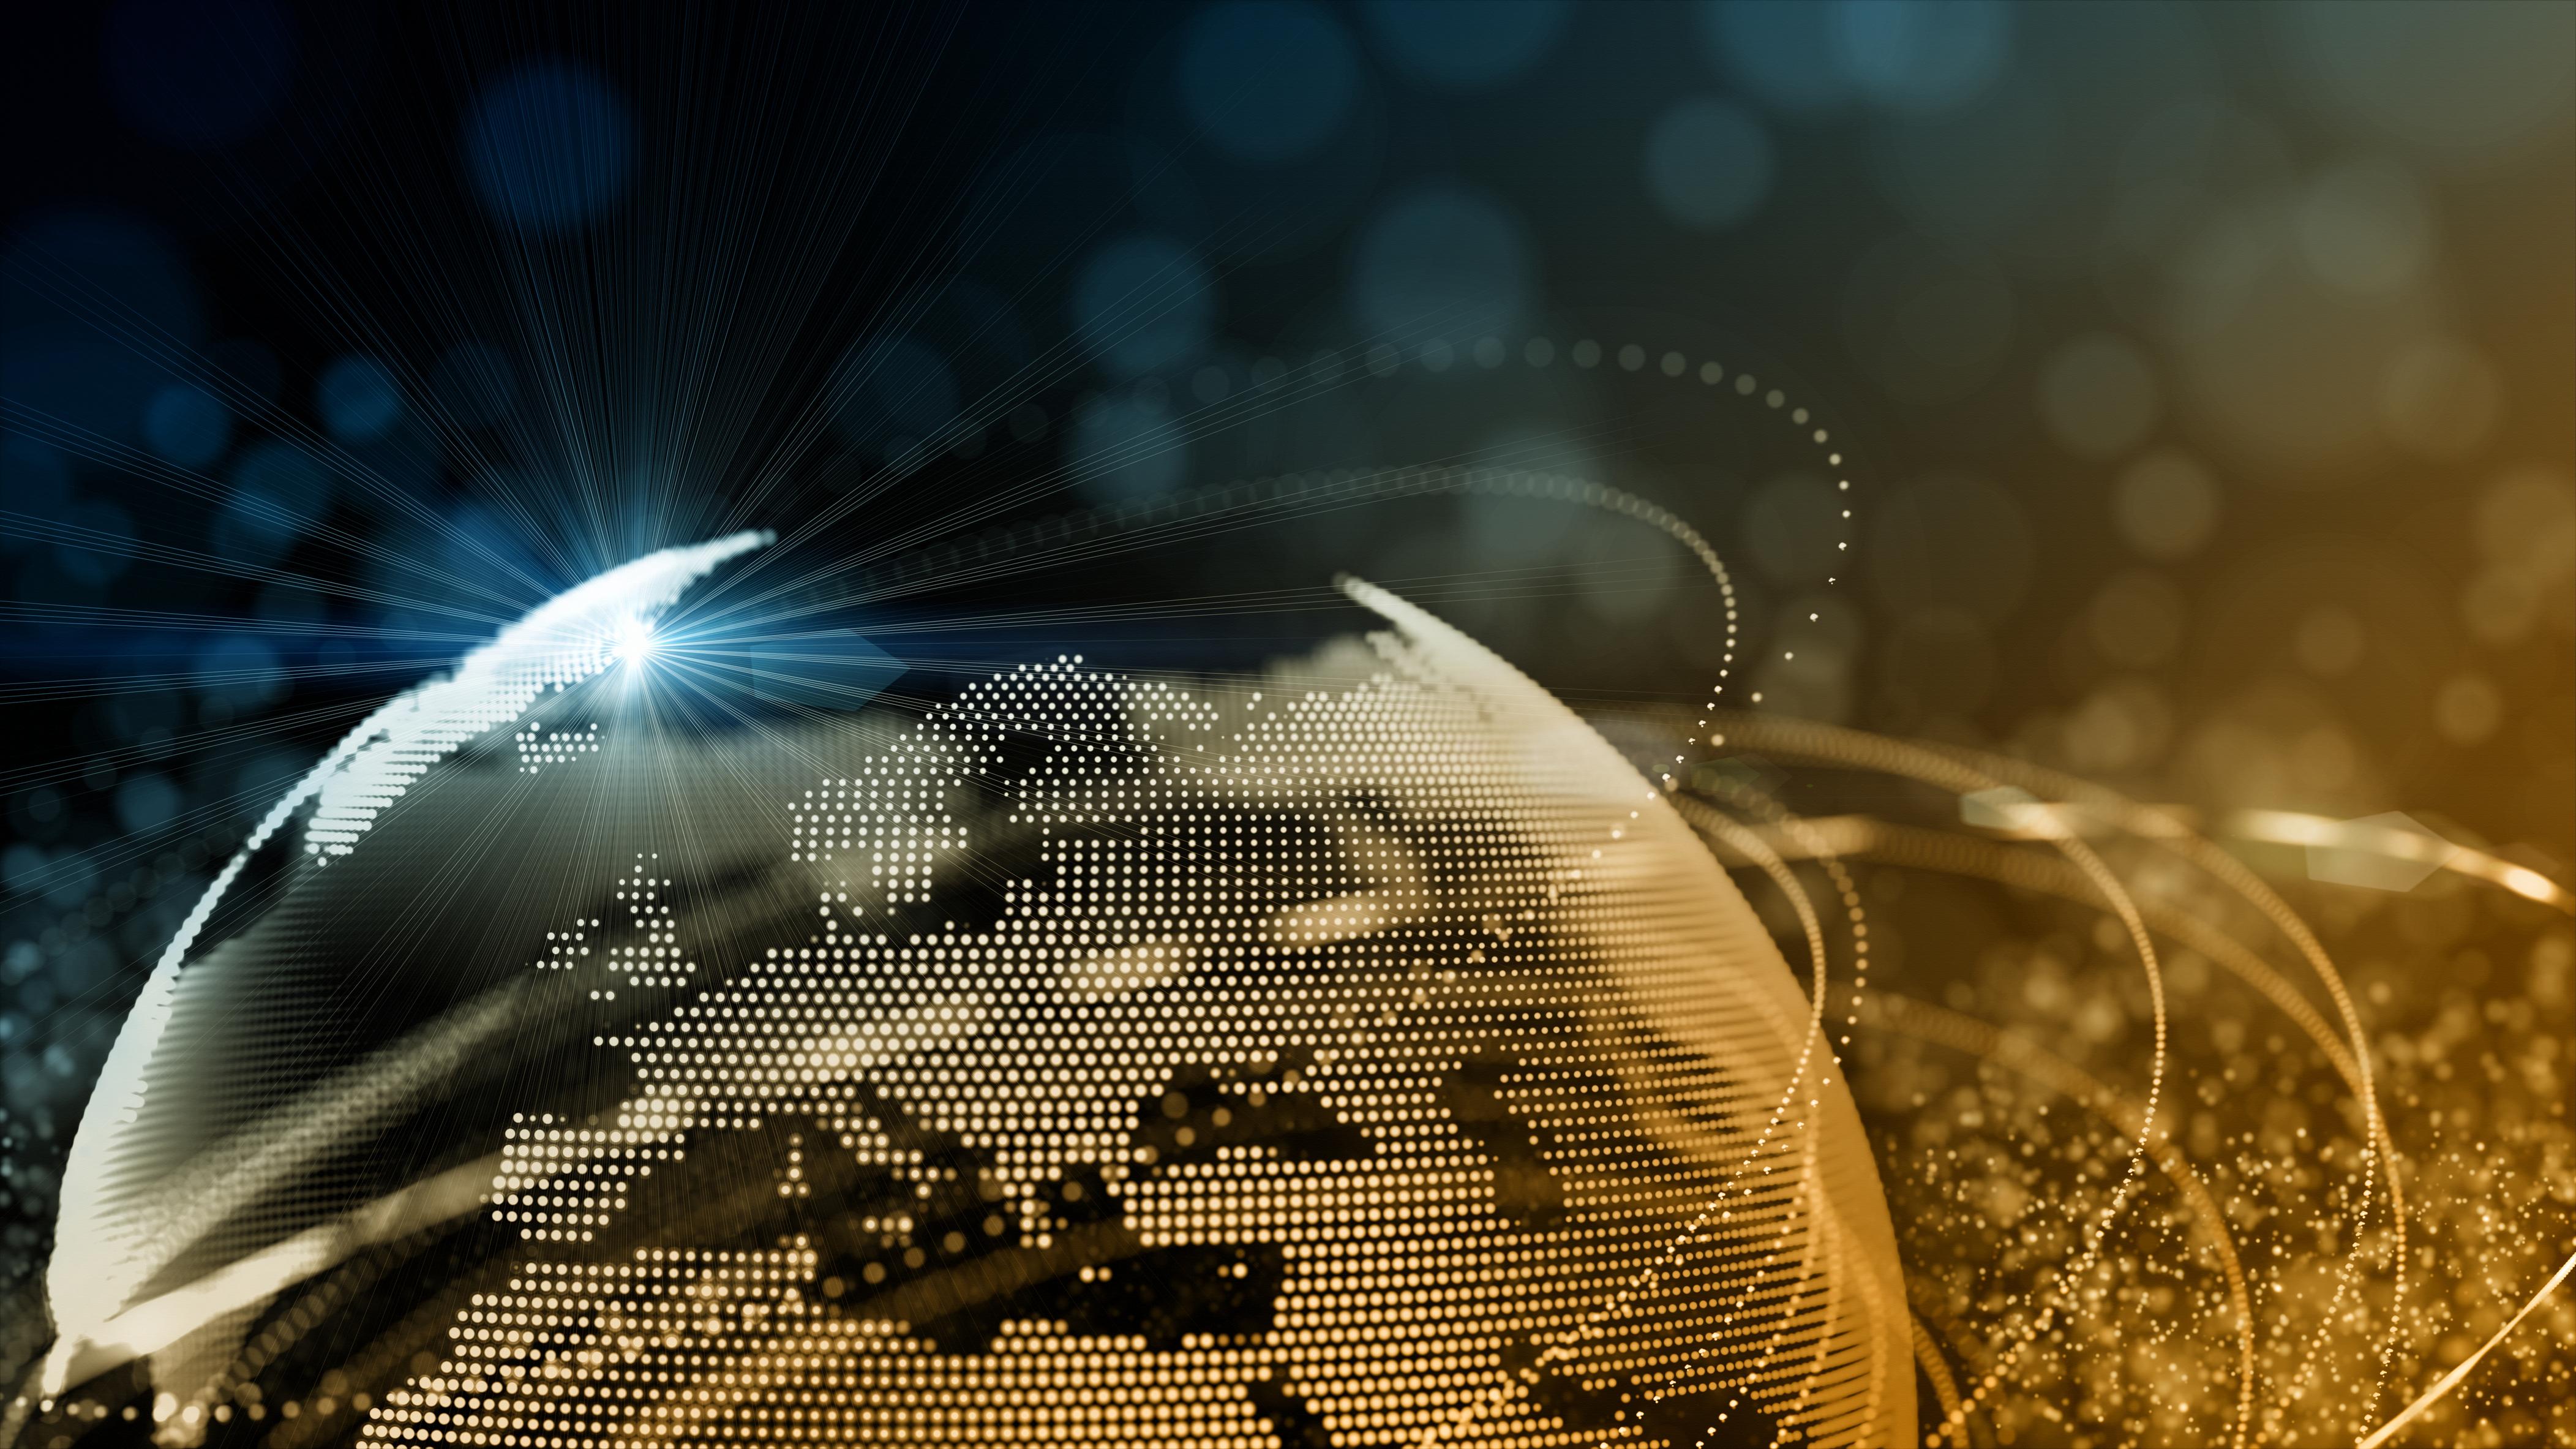 Izvozniki.si: Zakaj se moramo prenehati bati tujih lastnikov in kako se premakniti k hitrejšim in boljšim odločitvam